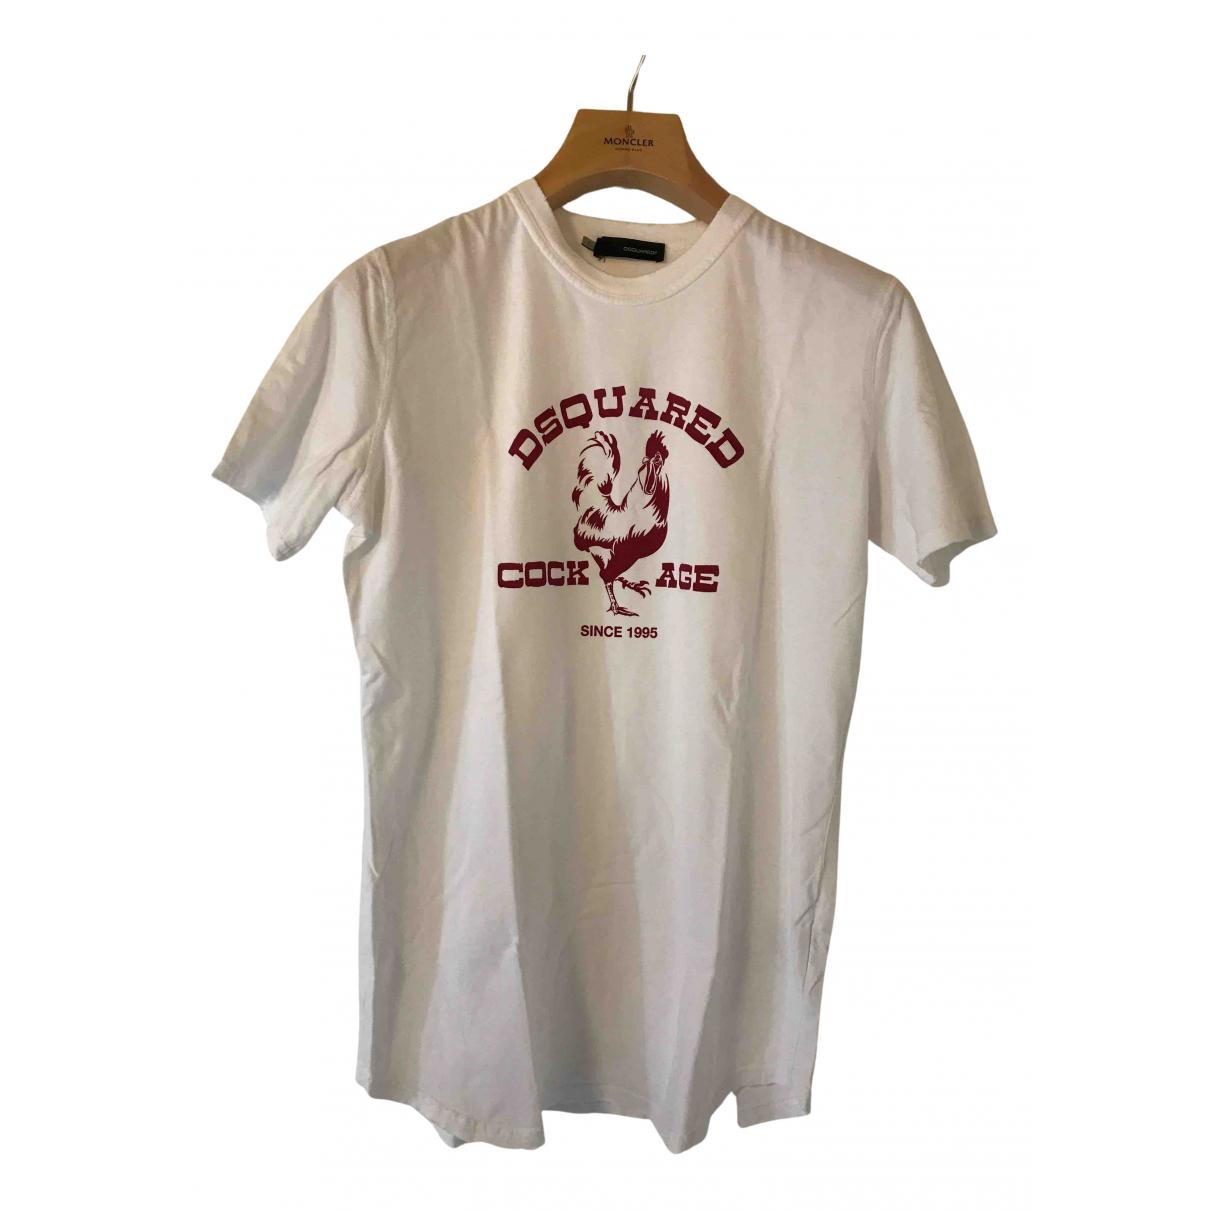 Dsquared2 - Tee shirts   pour homme en coton - blanc